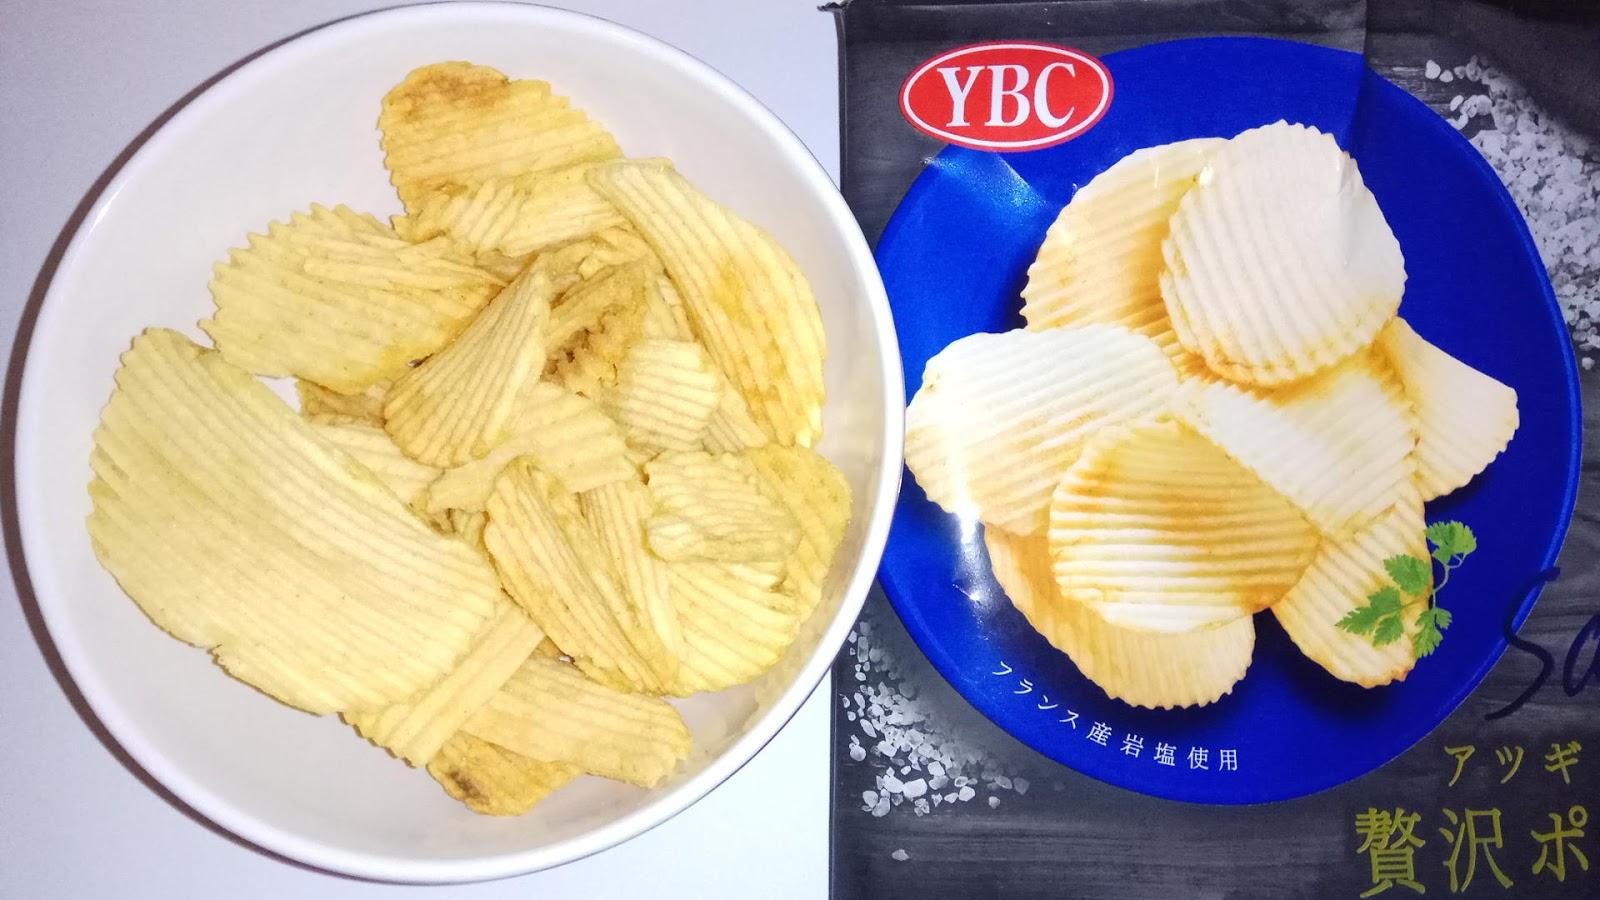 Atsugiri Zeitaku Potato Salt - chipsy ziemniaczane luksusowe